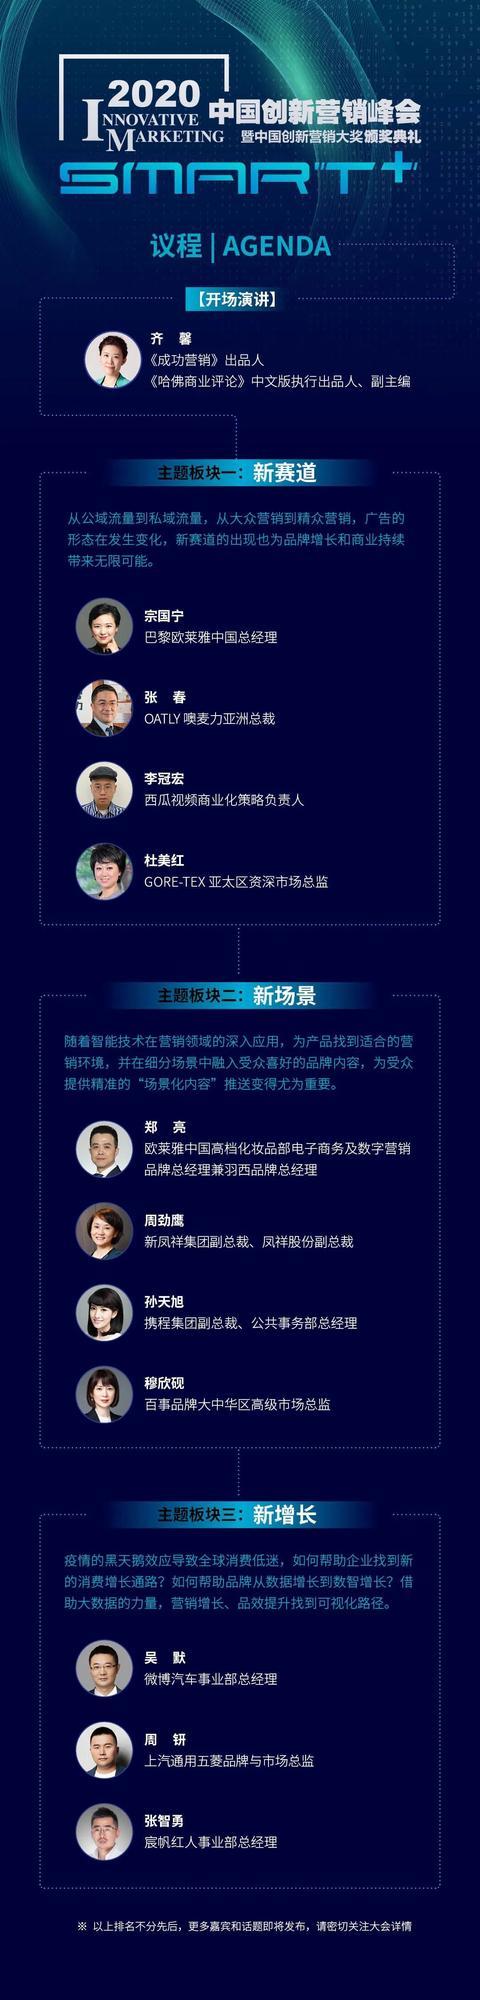 营销峰会,创新不止、营销无界:2020中国创新营销峰会换个方式与你相约